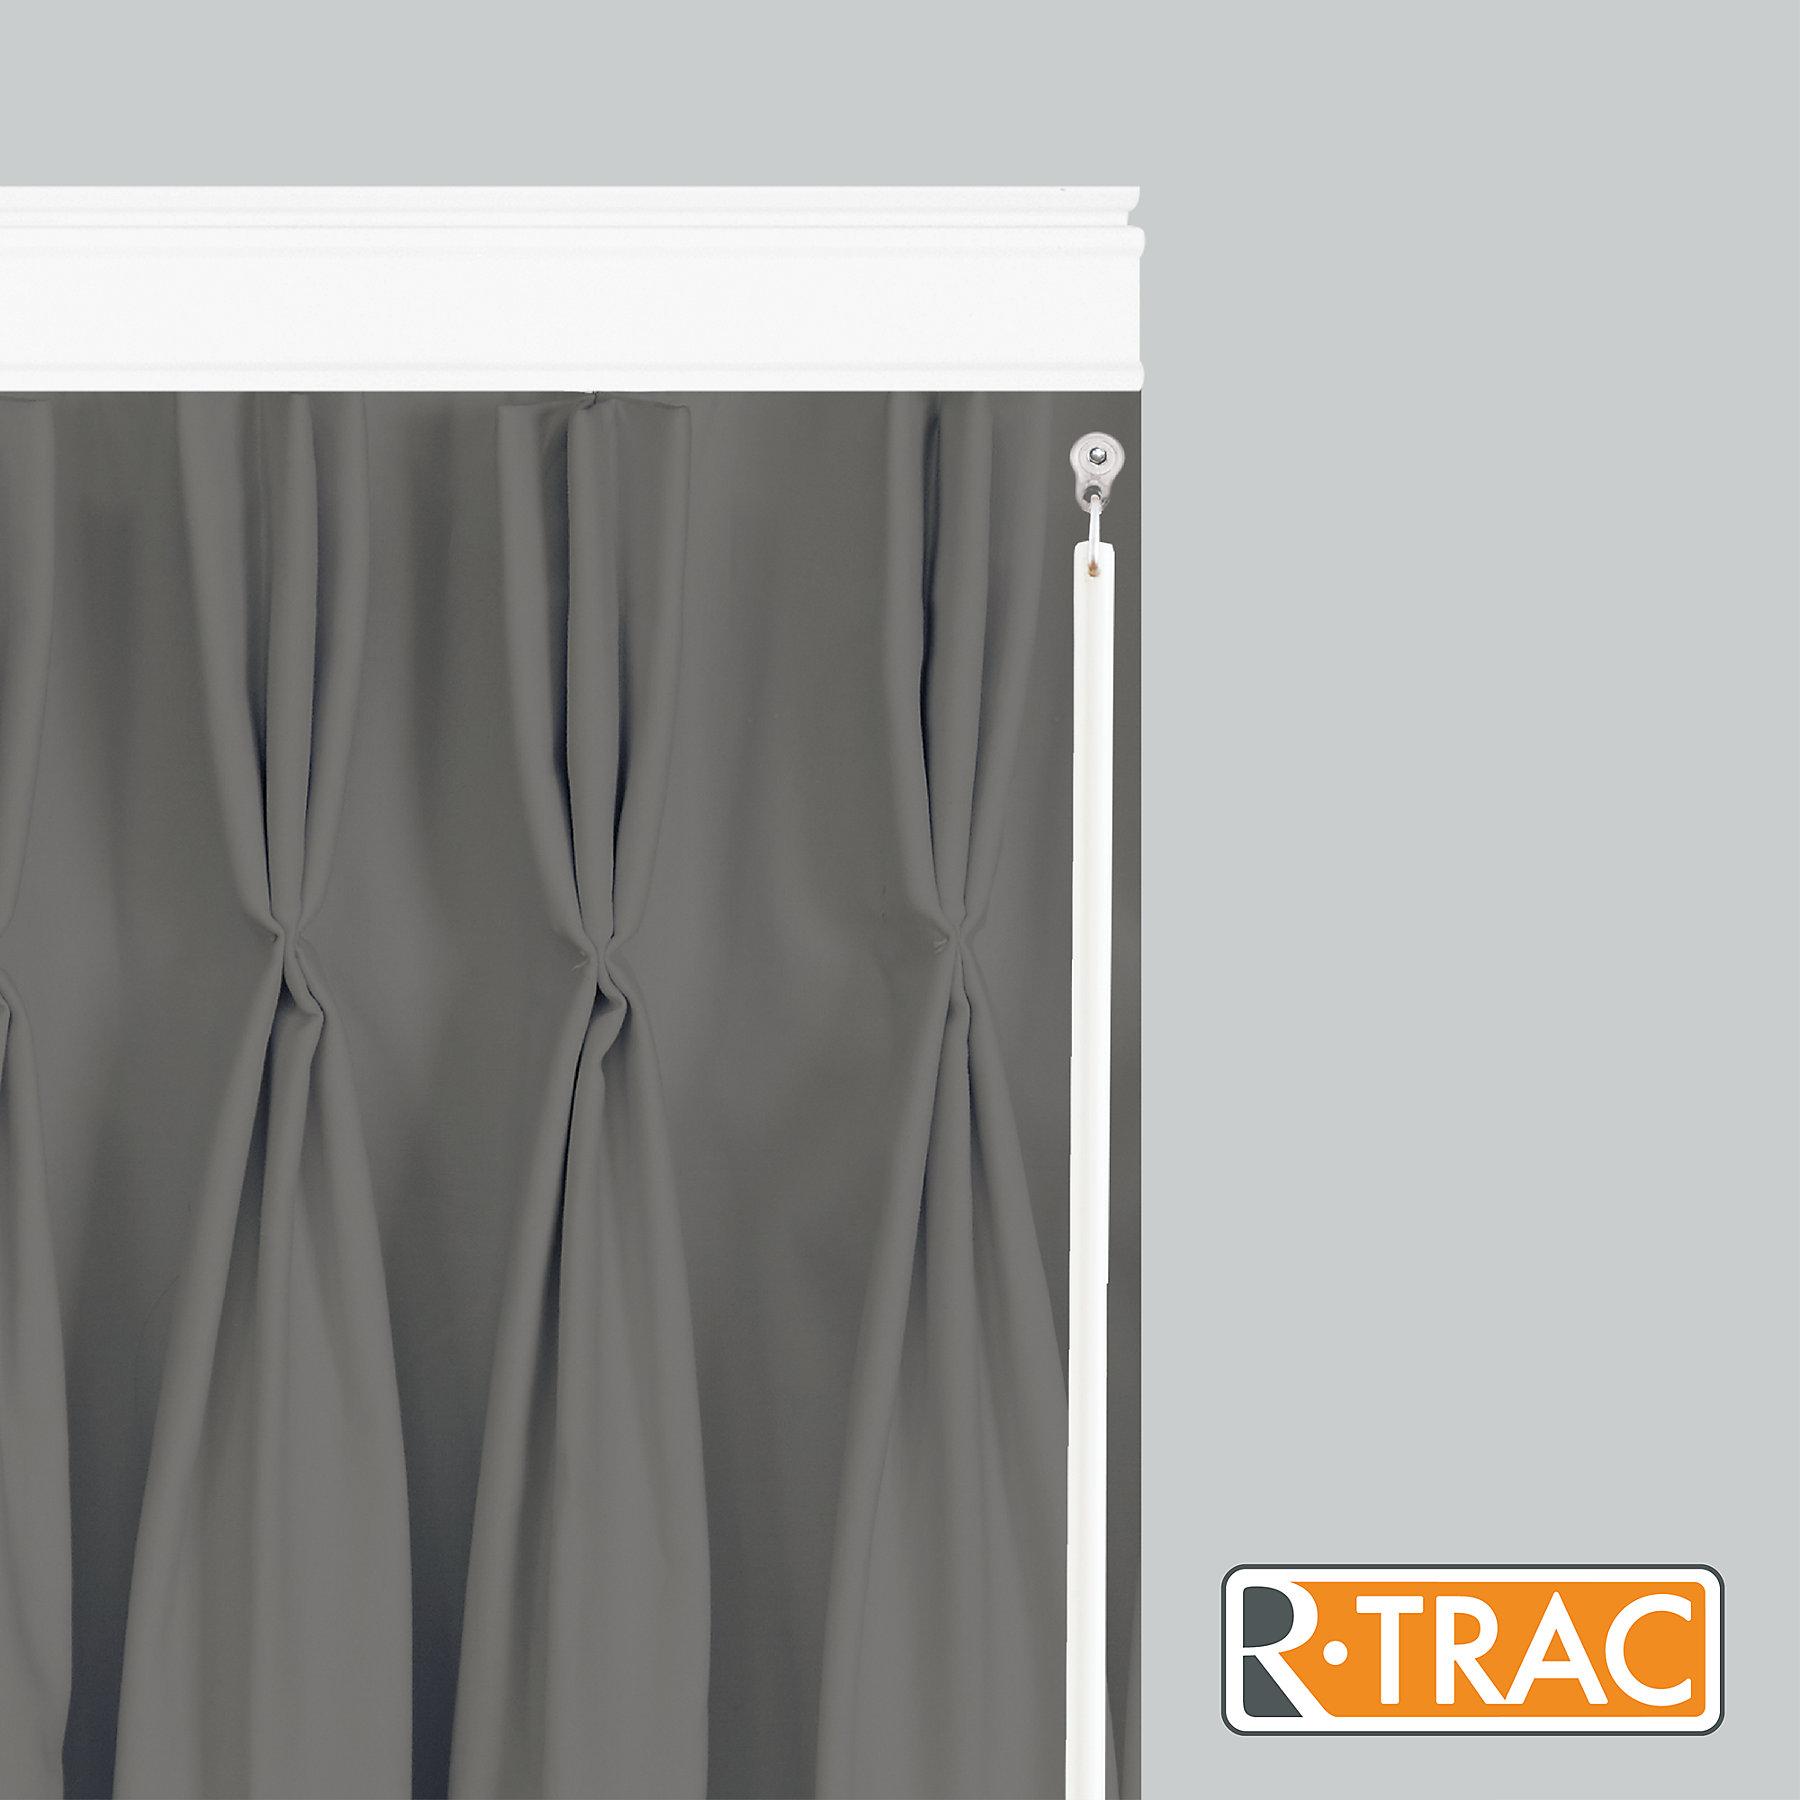 R-TRAC 4003N Baton Draw System